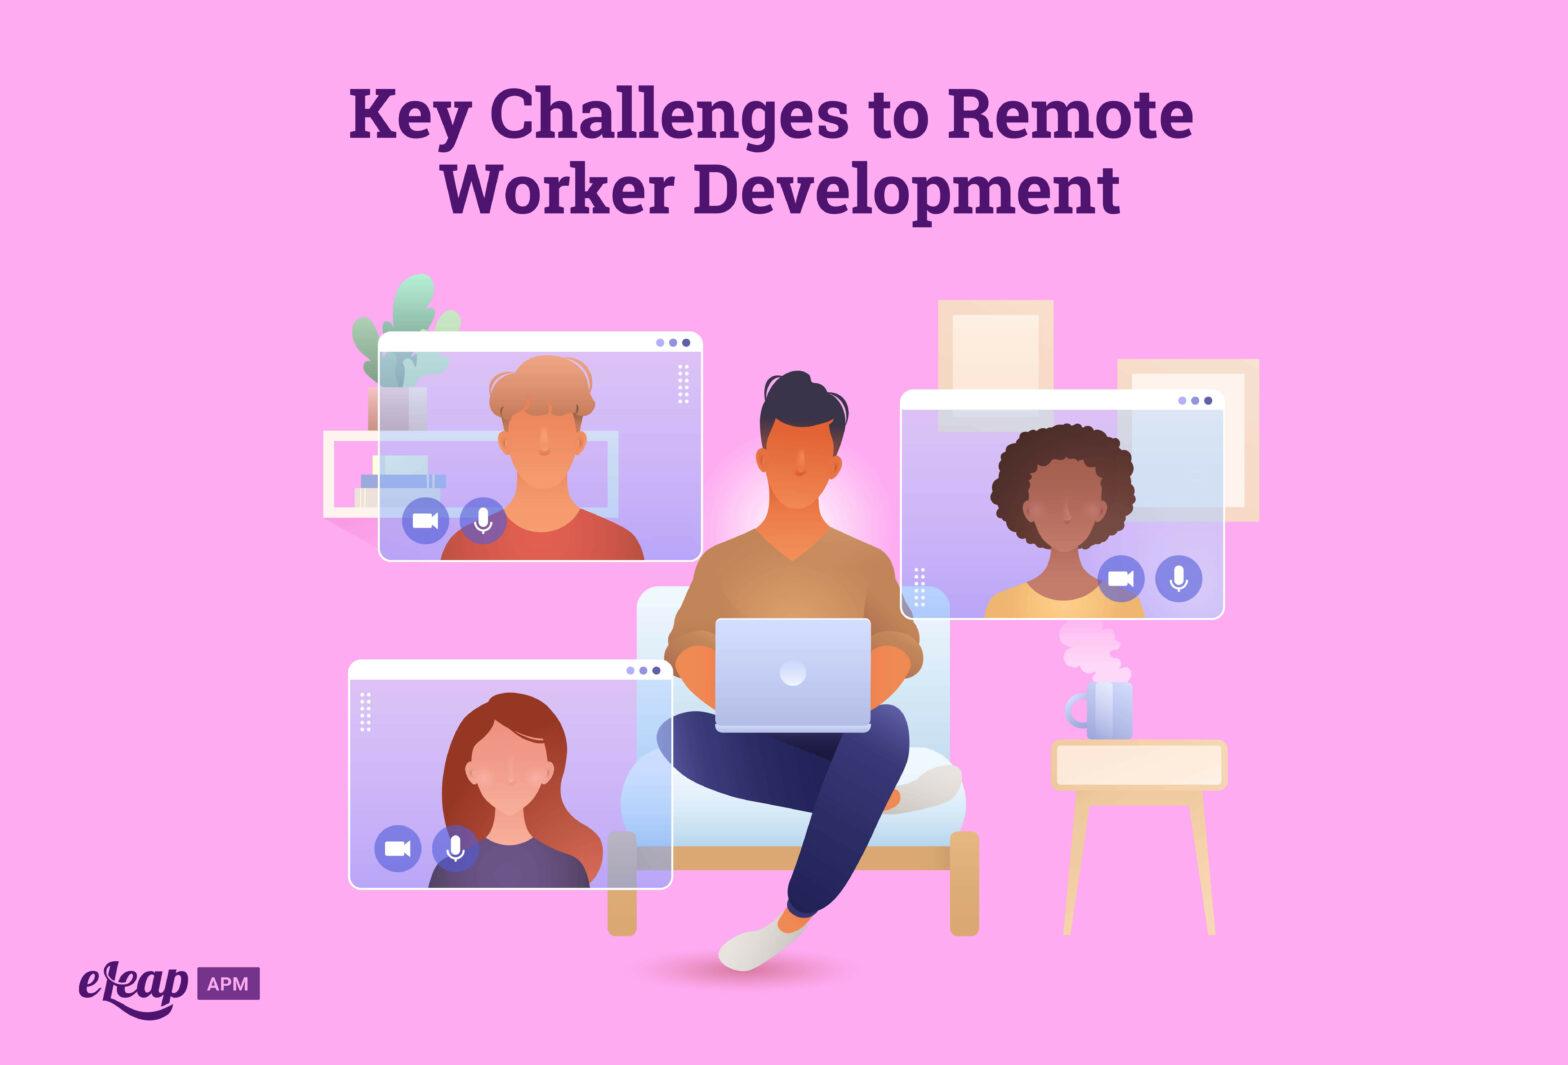 Key Challenges to Remote Worker Development